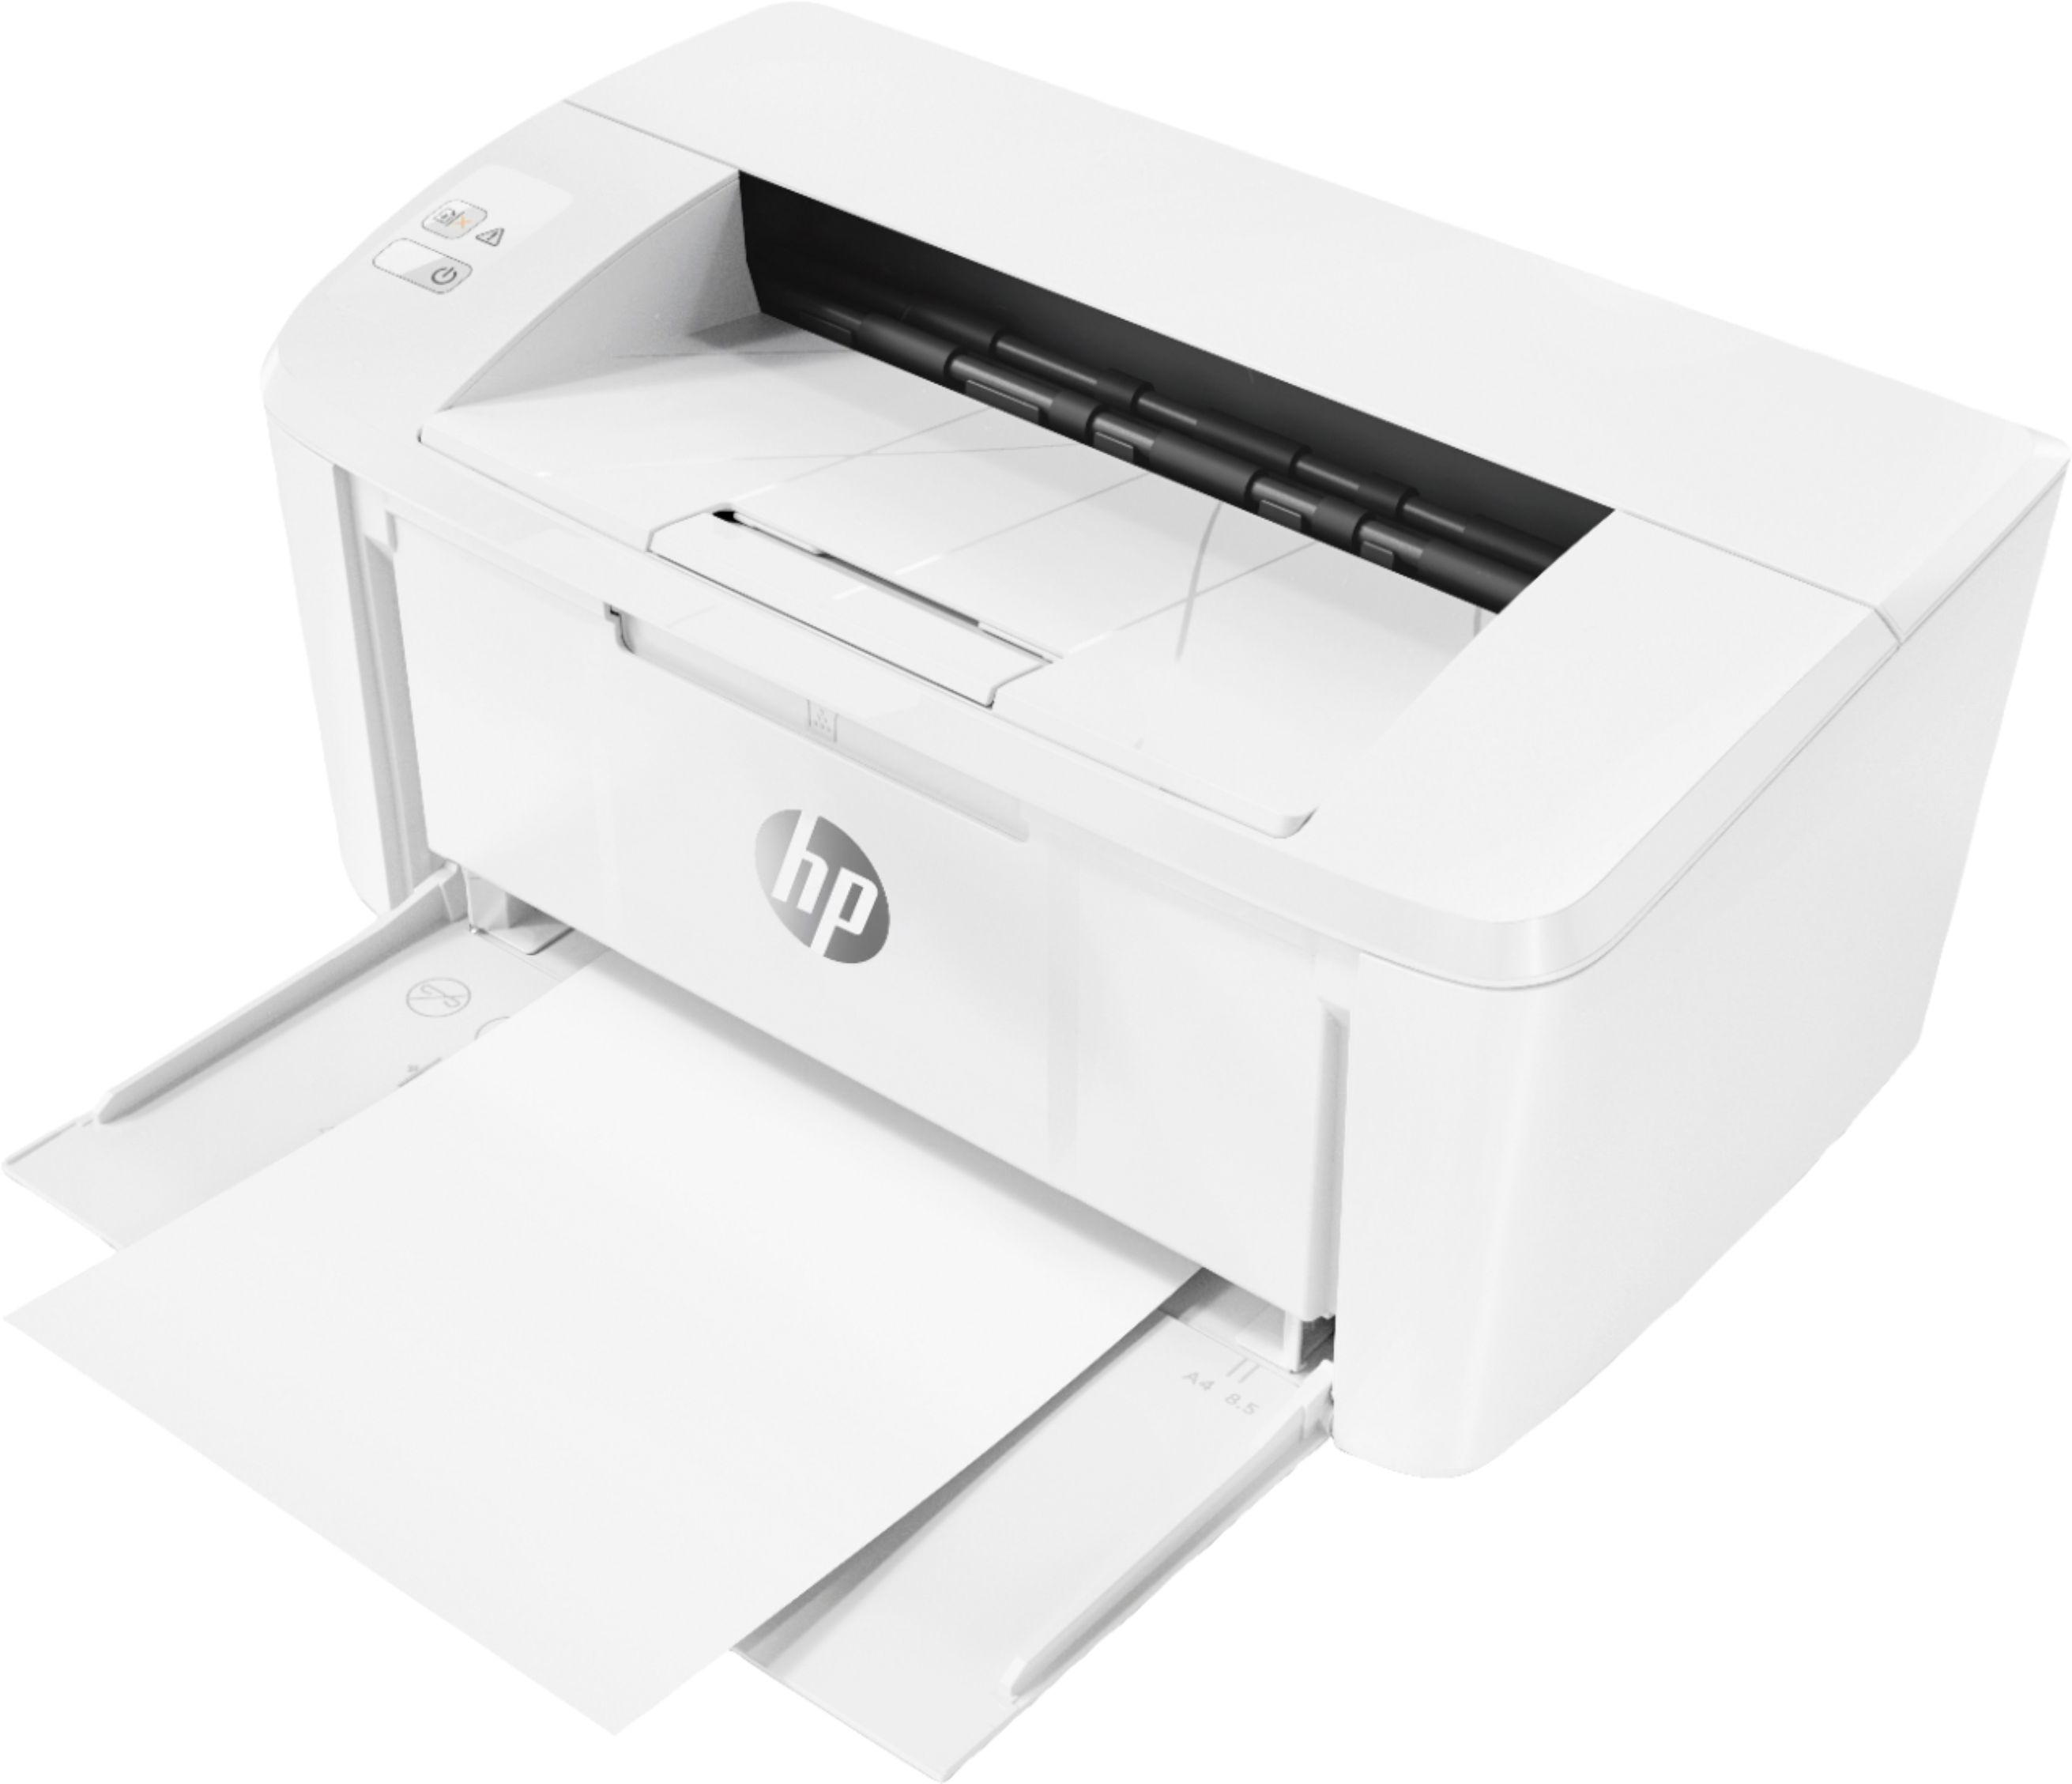 HP-LaserJet-Pro-M15w.jpg